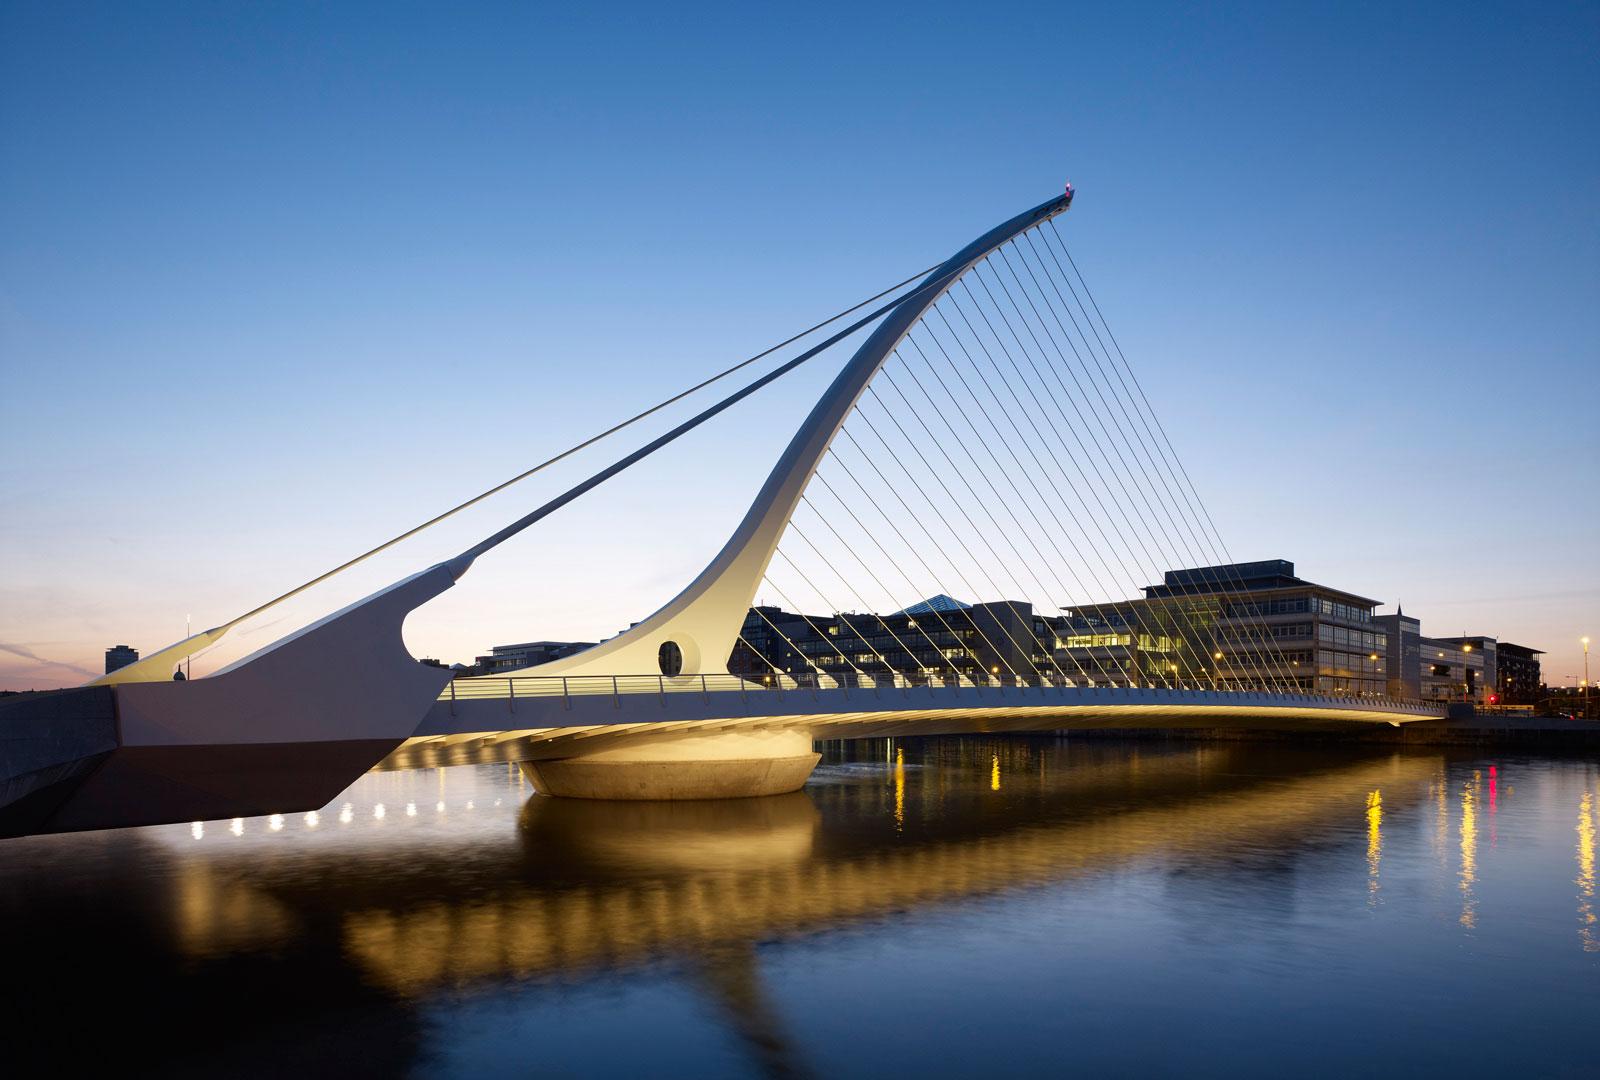 Samuel-Beckett-Bridge, Dublin